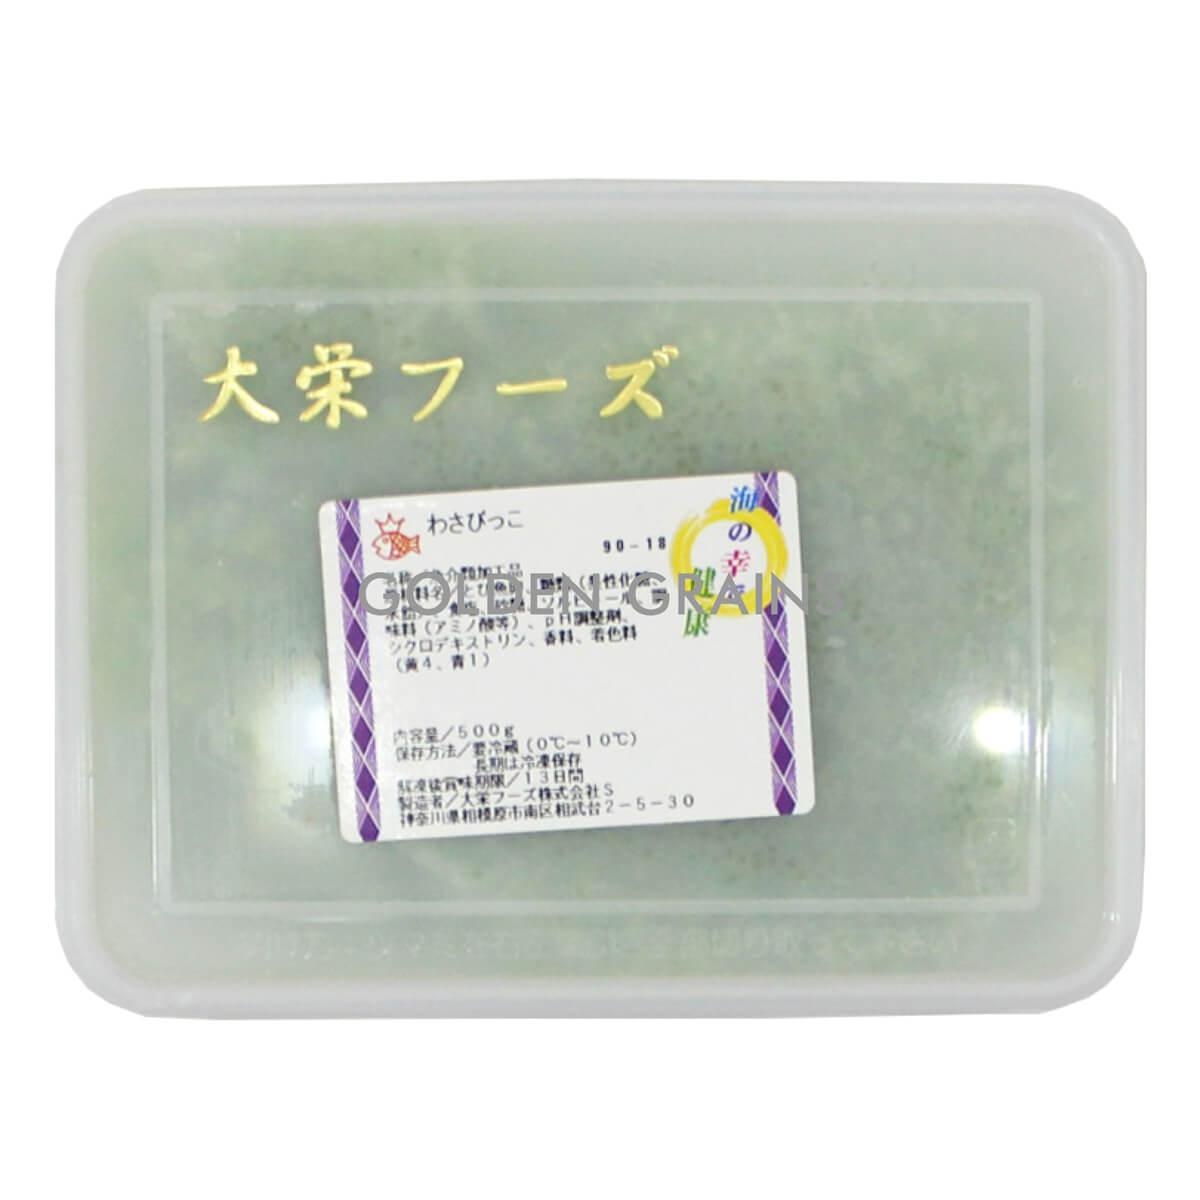 Golden Grains Daiei - Green Tobiko - Front.jpg